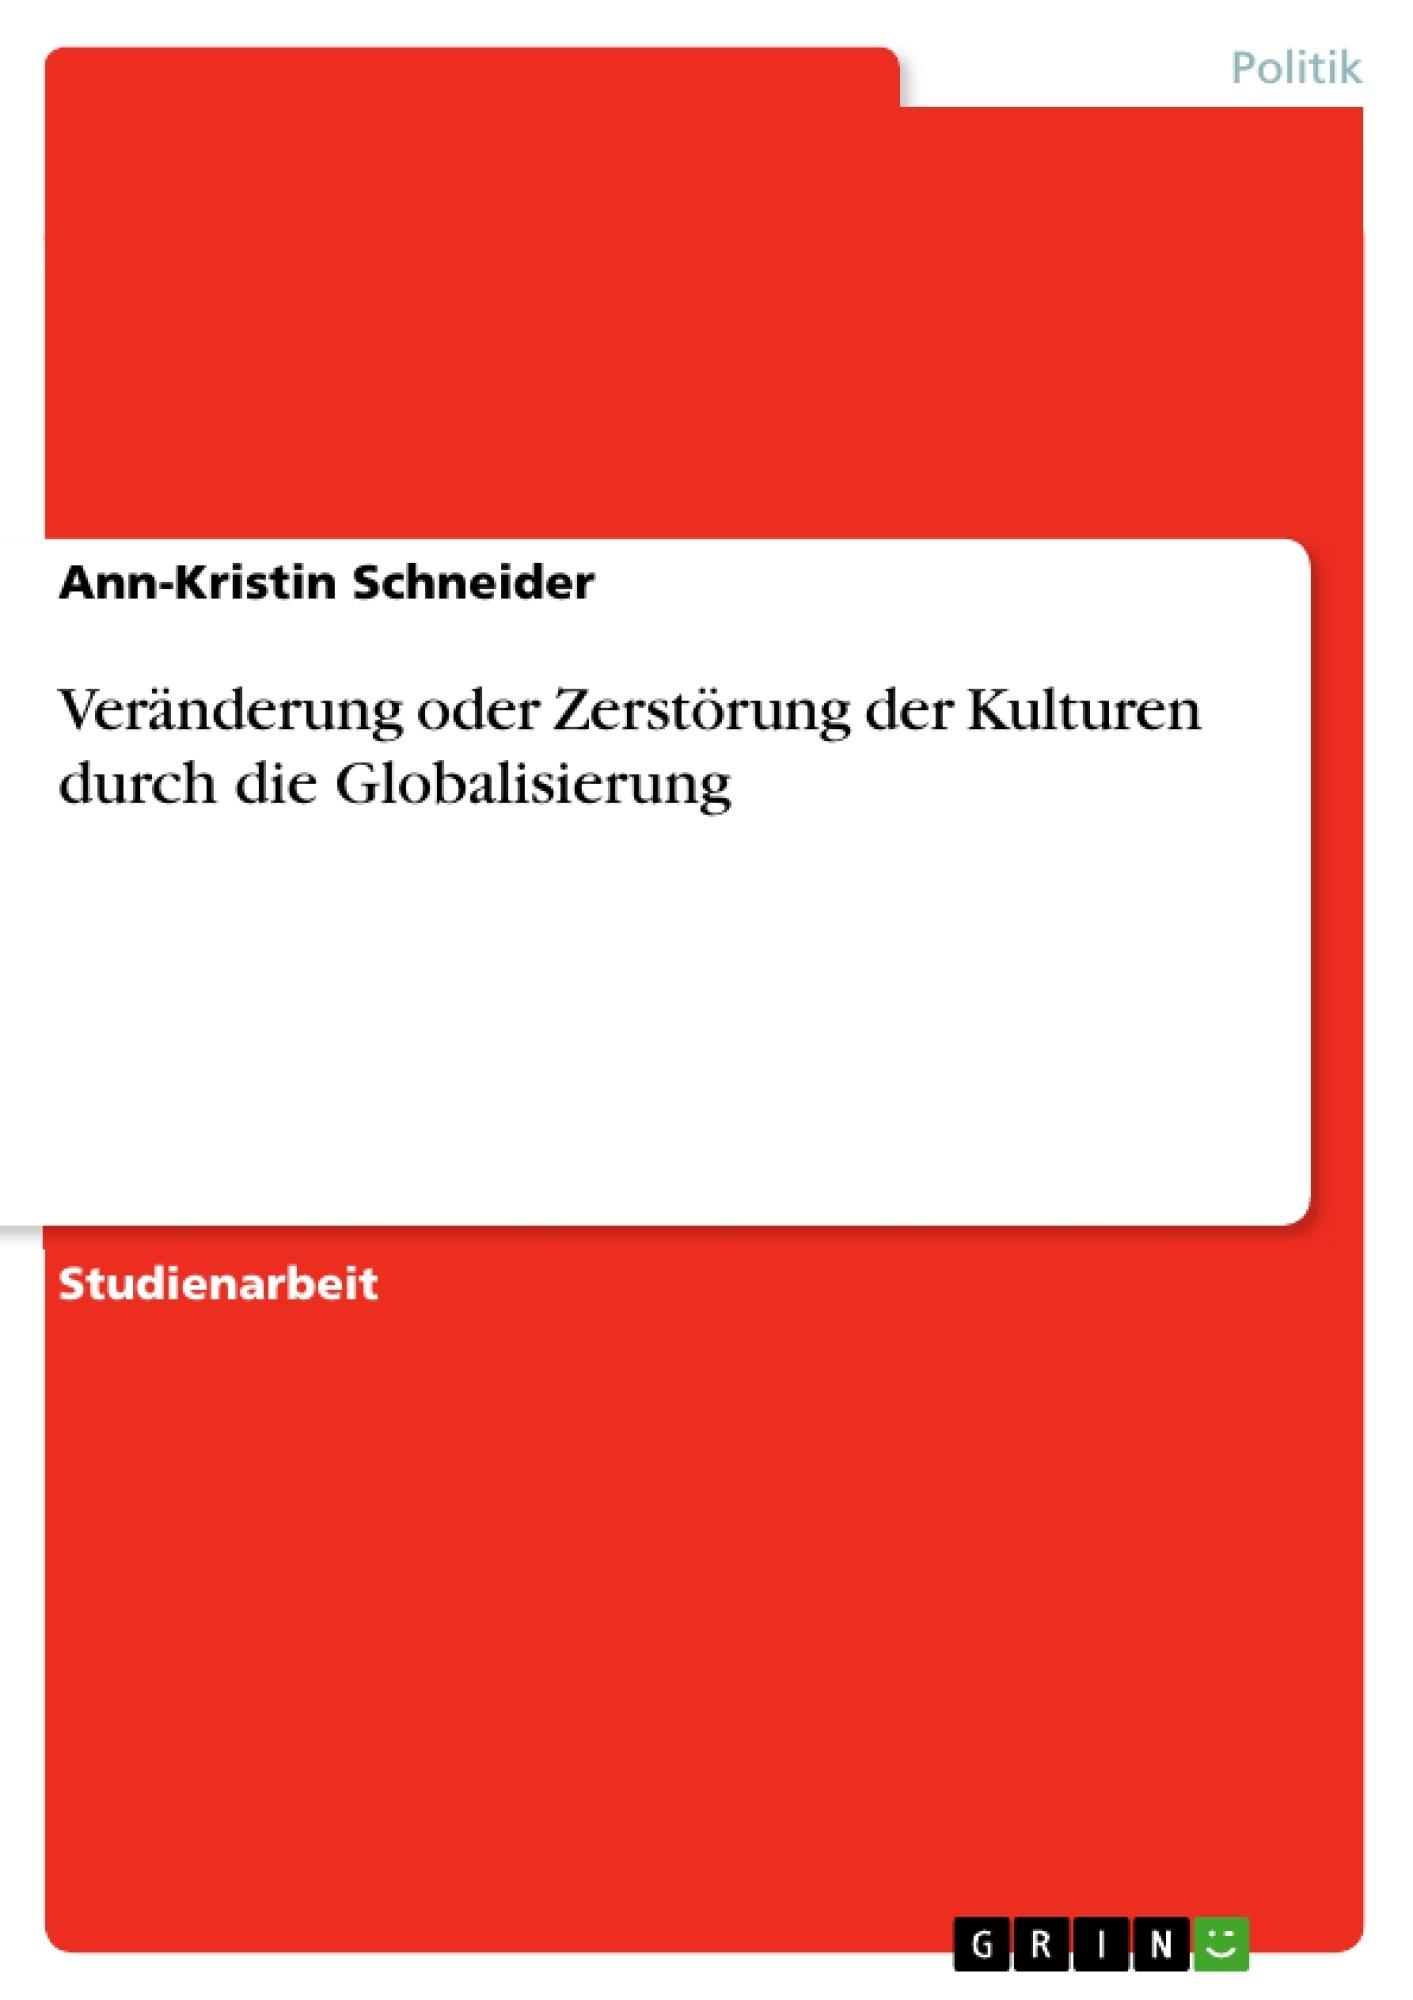 Titel: Veränderung oder Zerstörung der Kulturen durch die Globalisierung